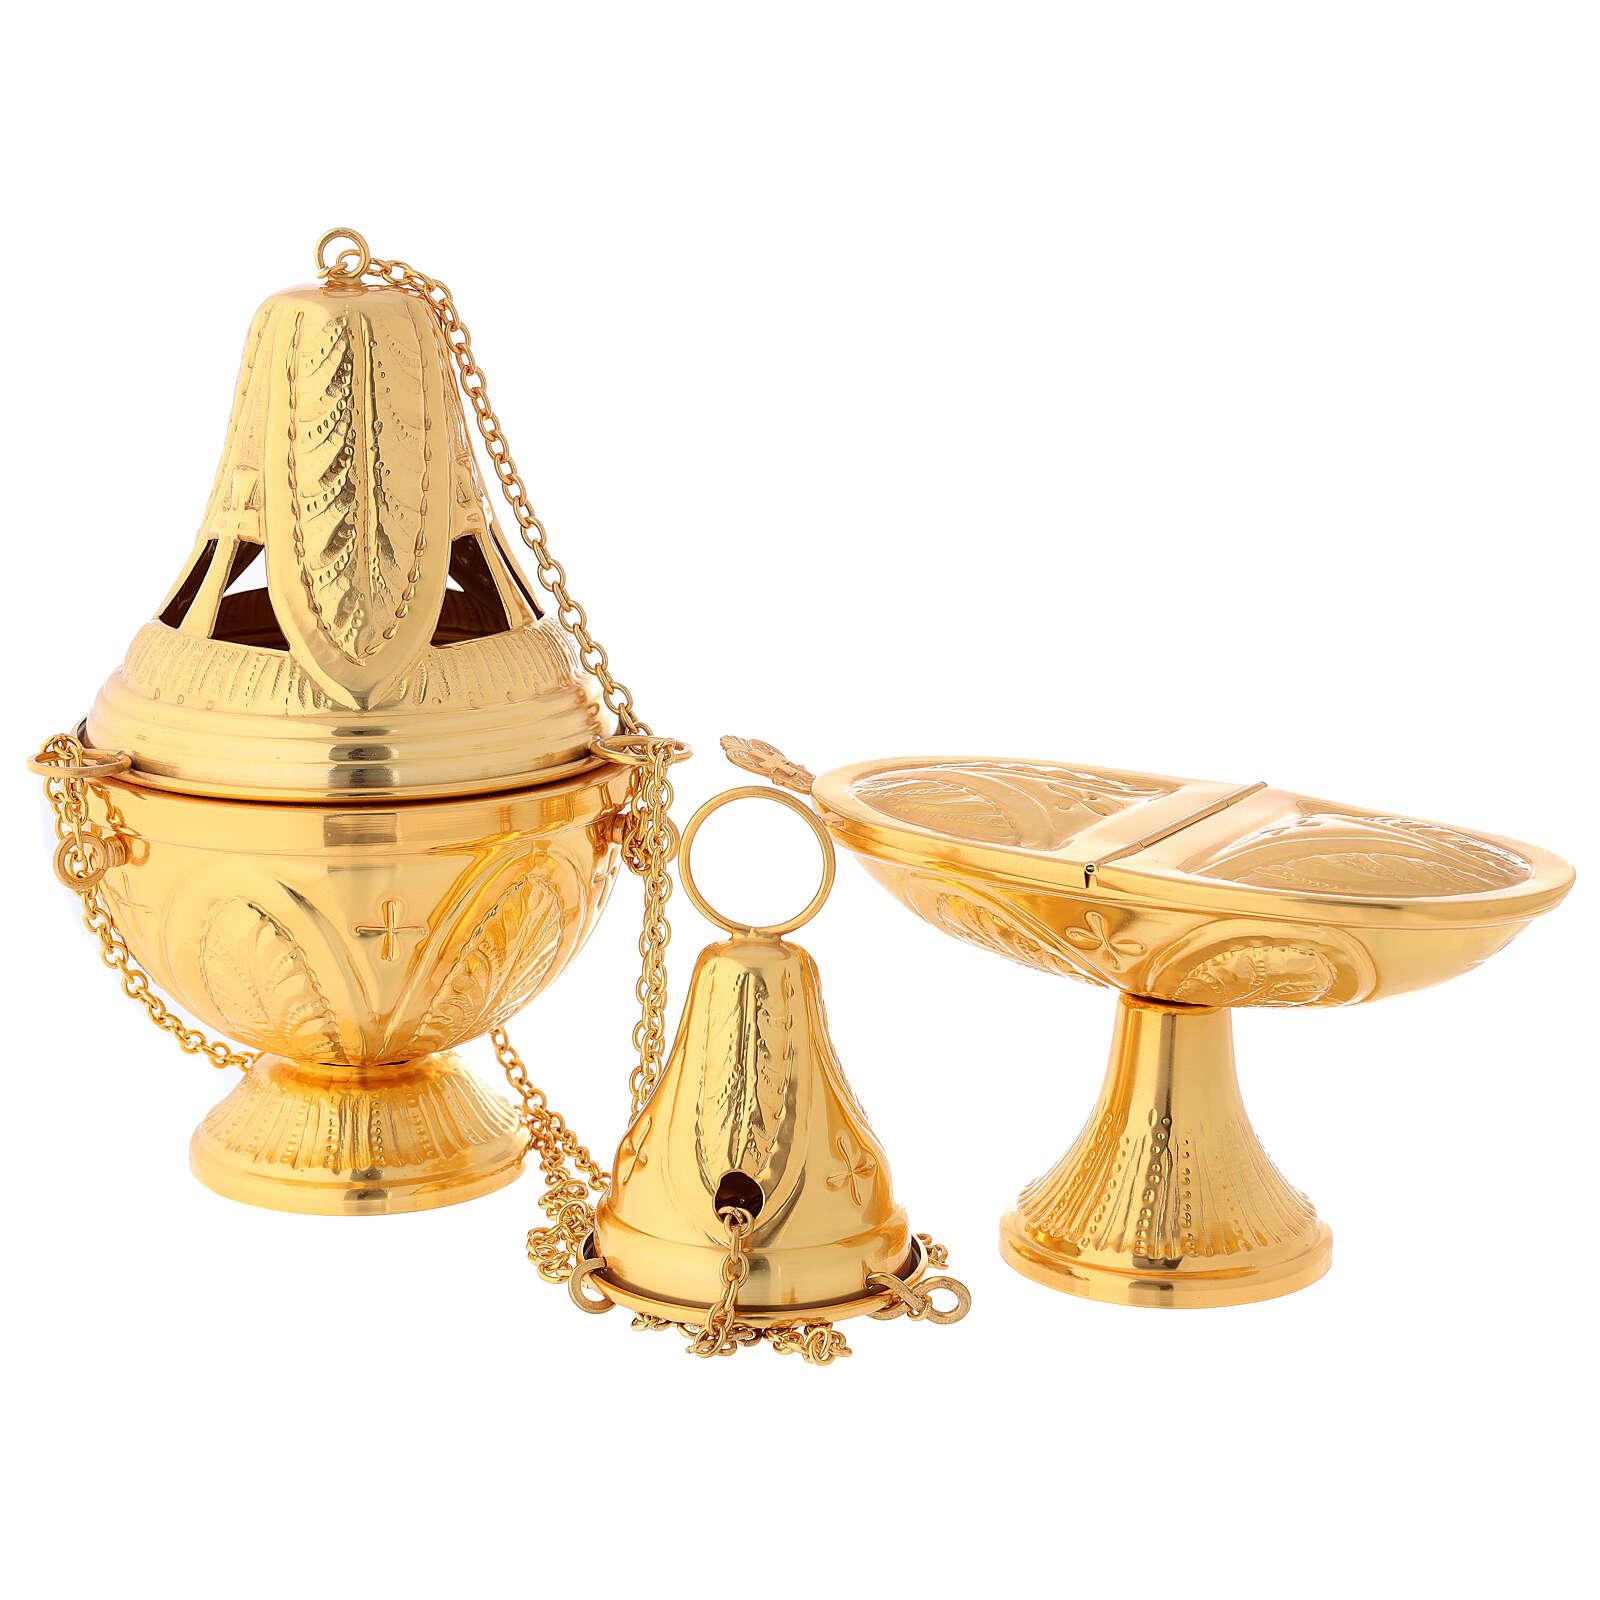 Weihrauchfass und Weihrauchschiffchen aus vergoldetem Messing, Kreuz- und Blattmotive 3